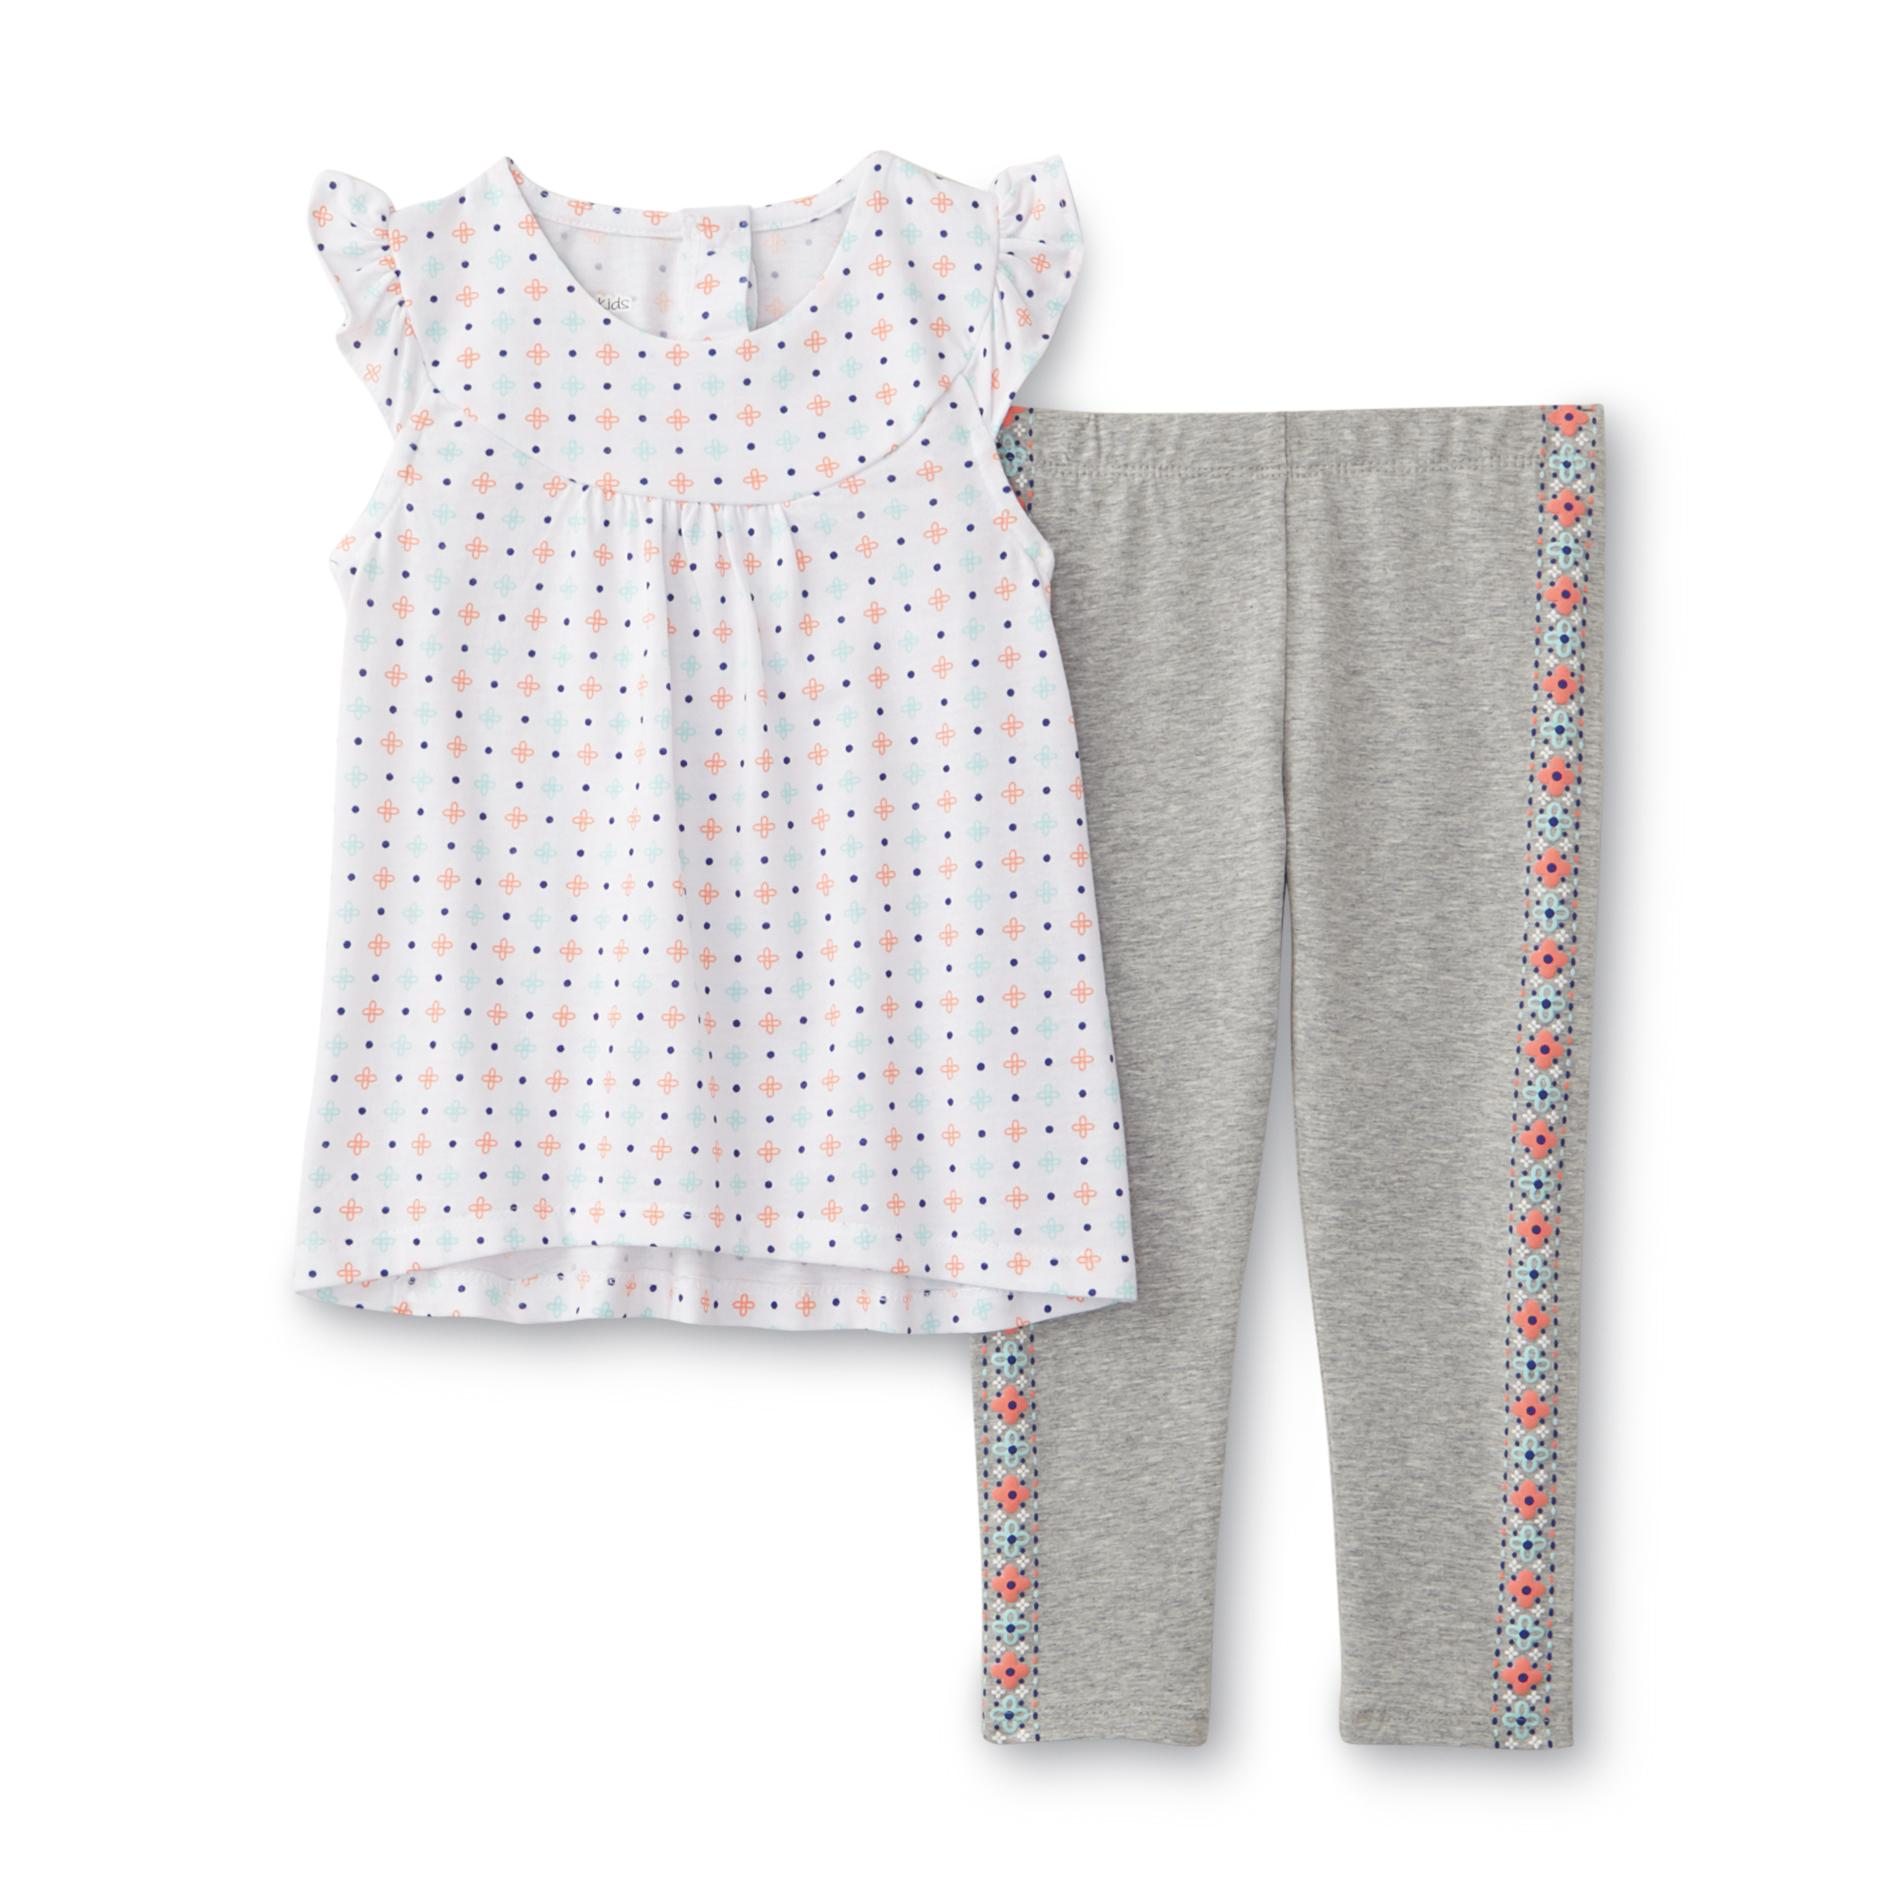 Infant & Toddler Girl's Tunic & Leggings - Floral